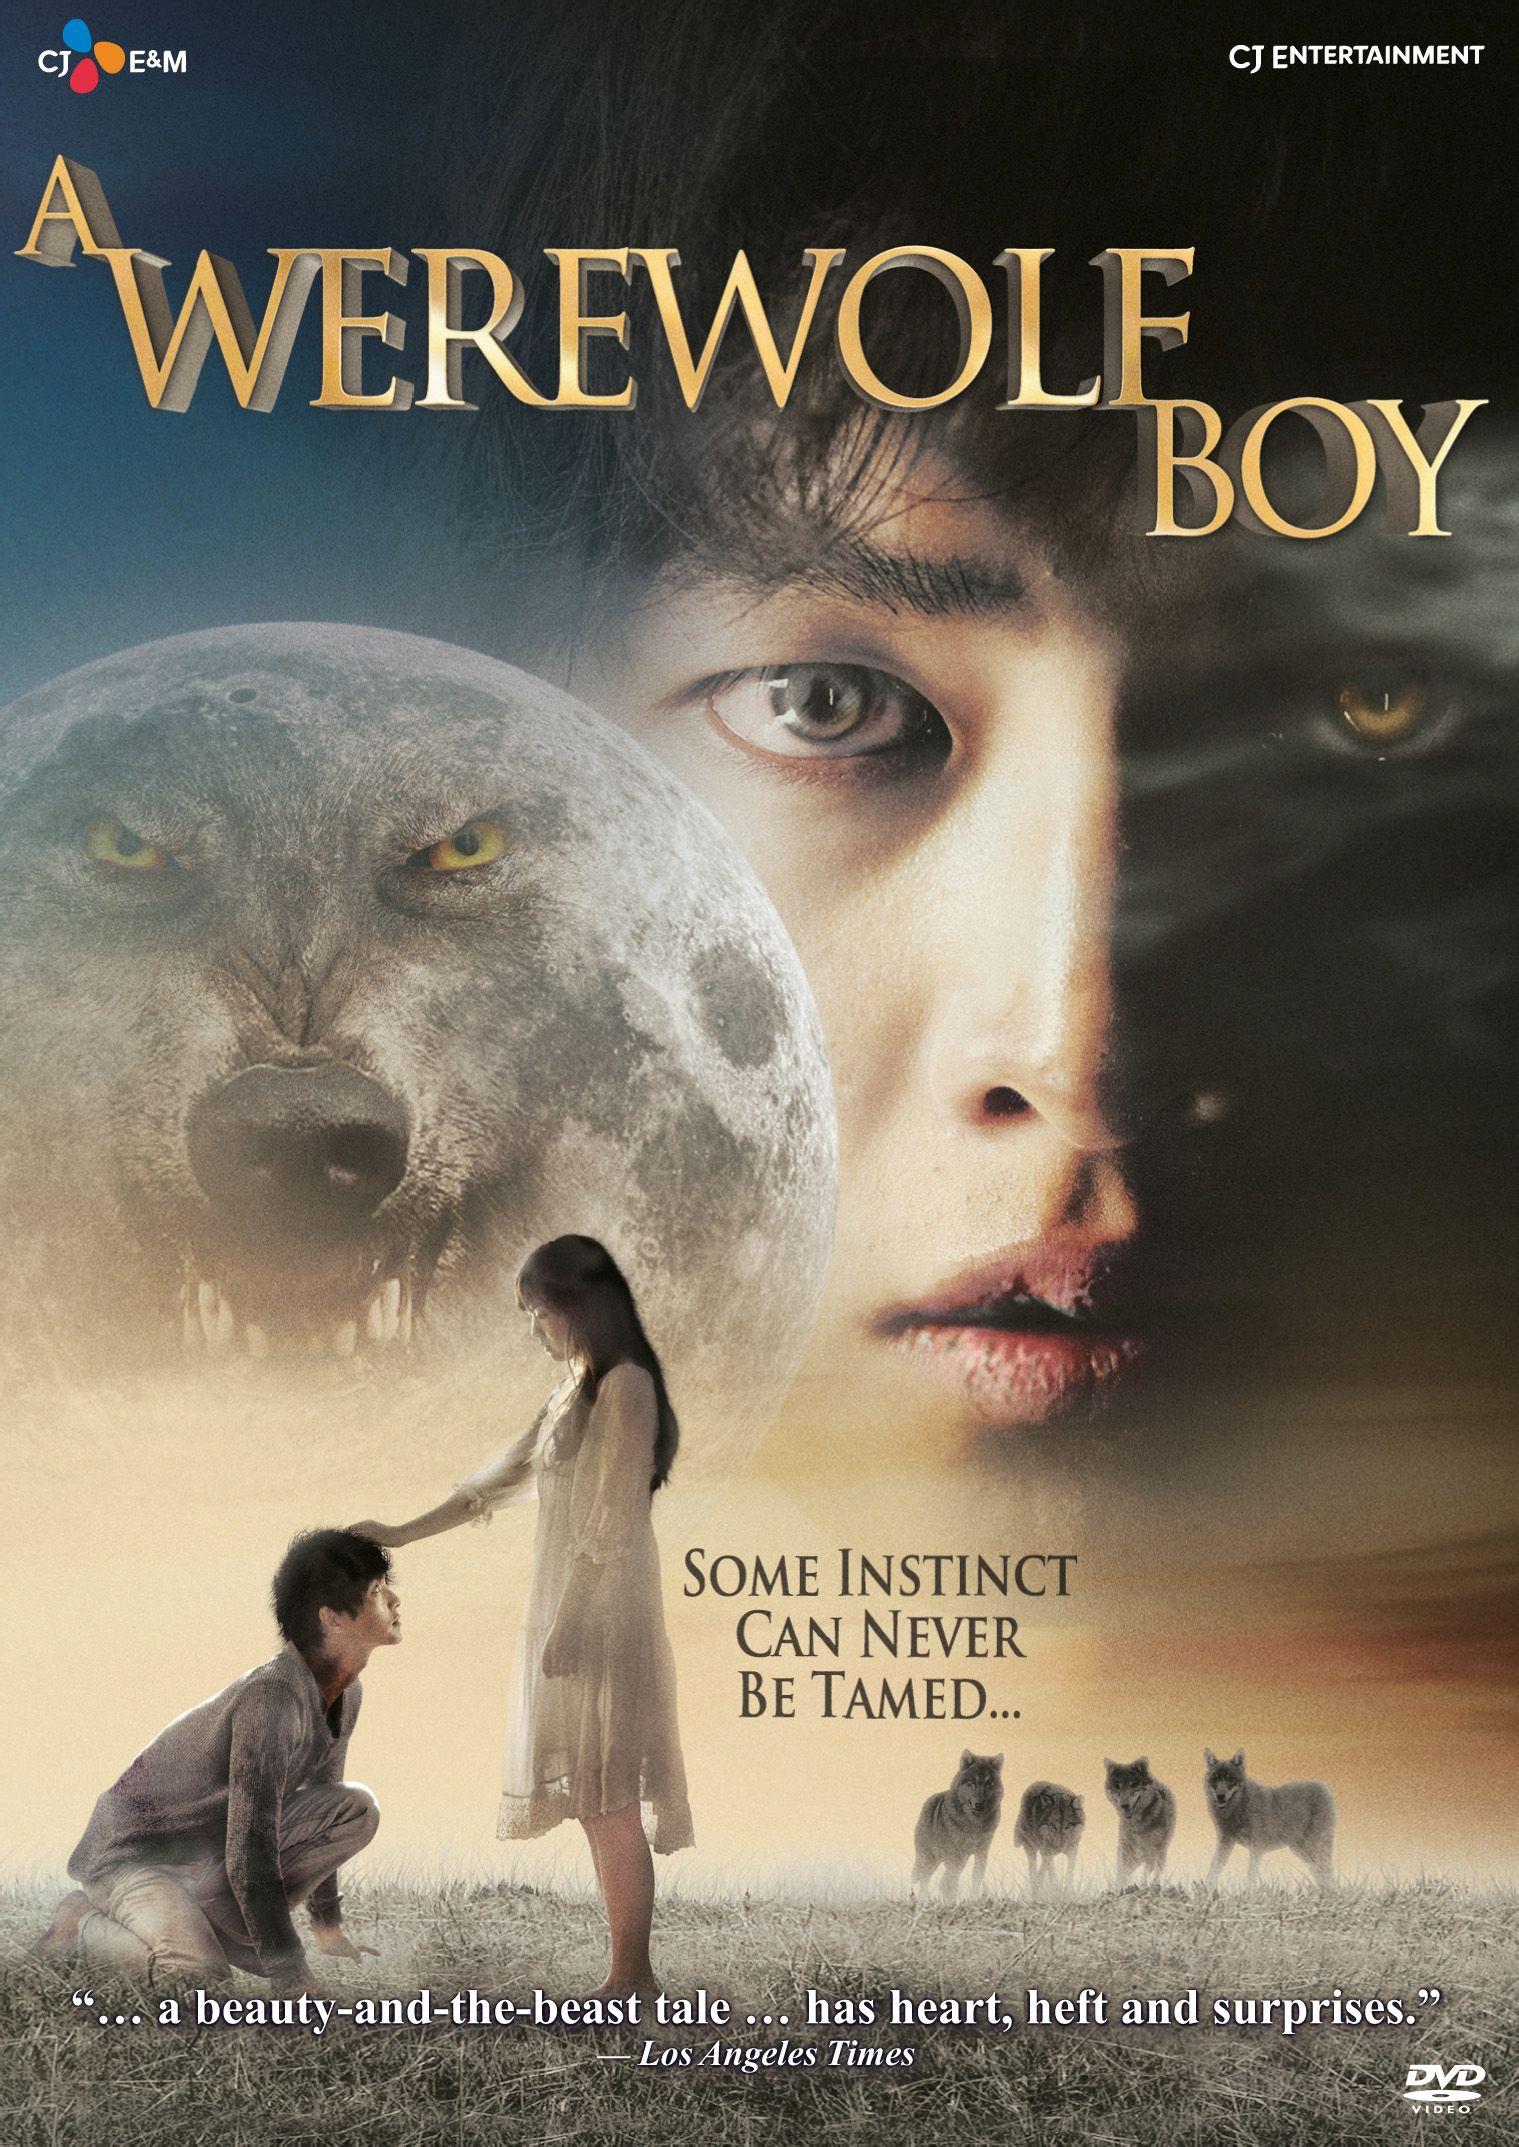 谁帮我找一张,电影狼电影哲秀,高清的要好,当图片,少年看的周星驰与王祖贤v电影的头像图片